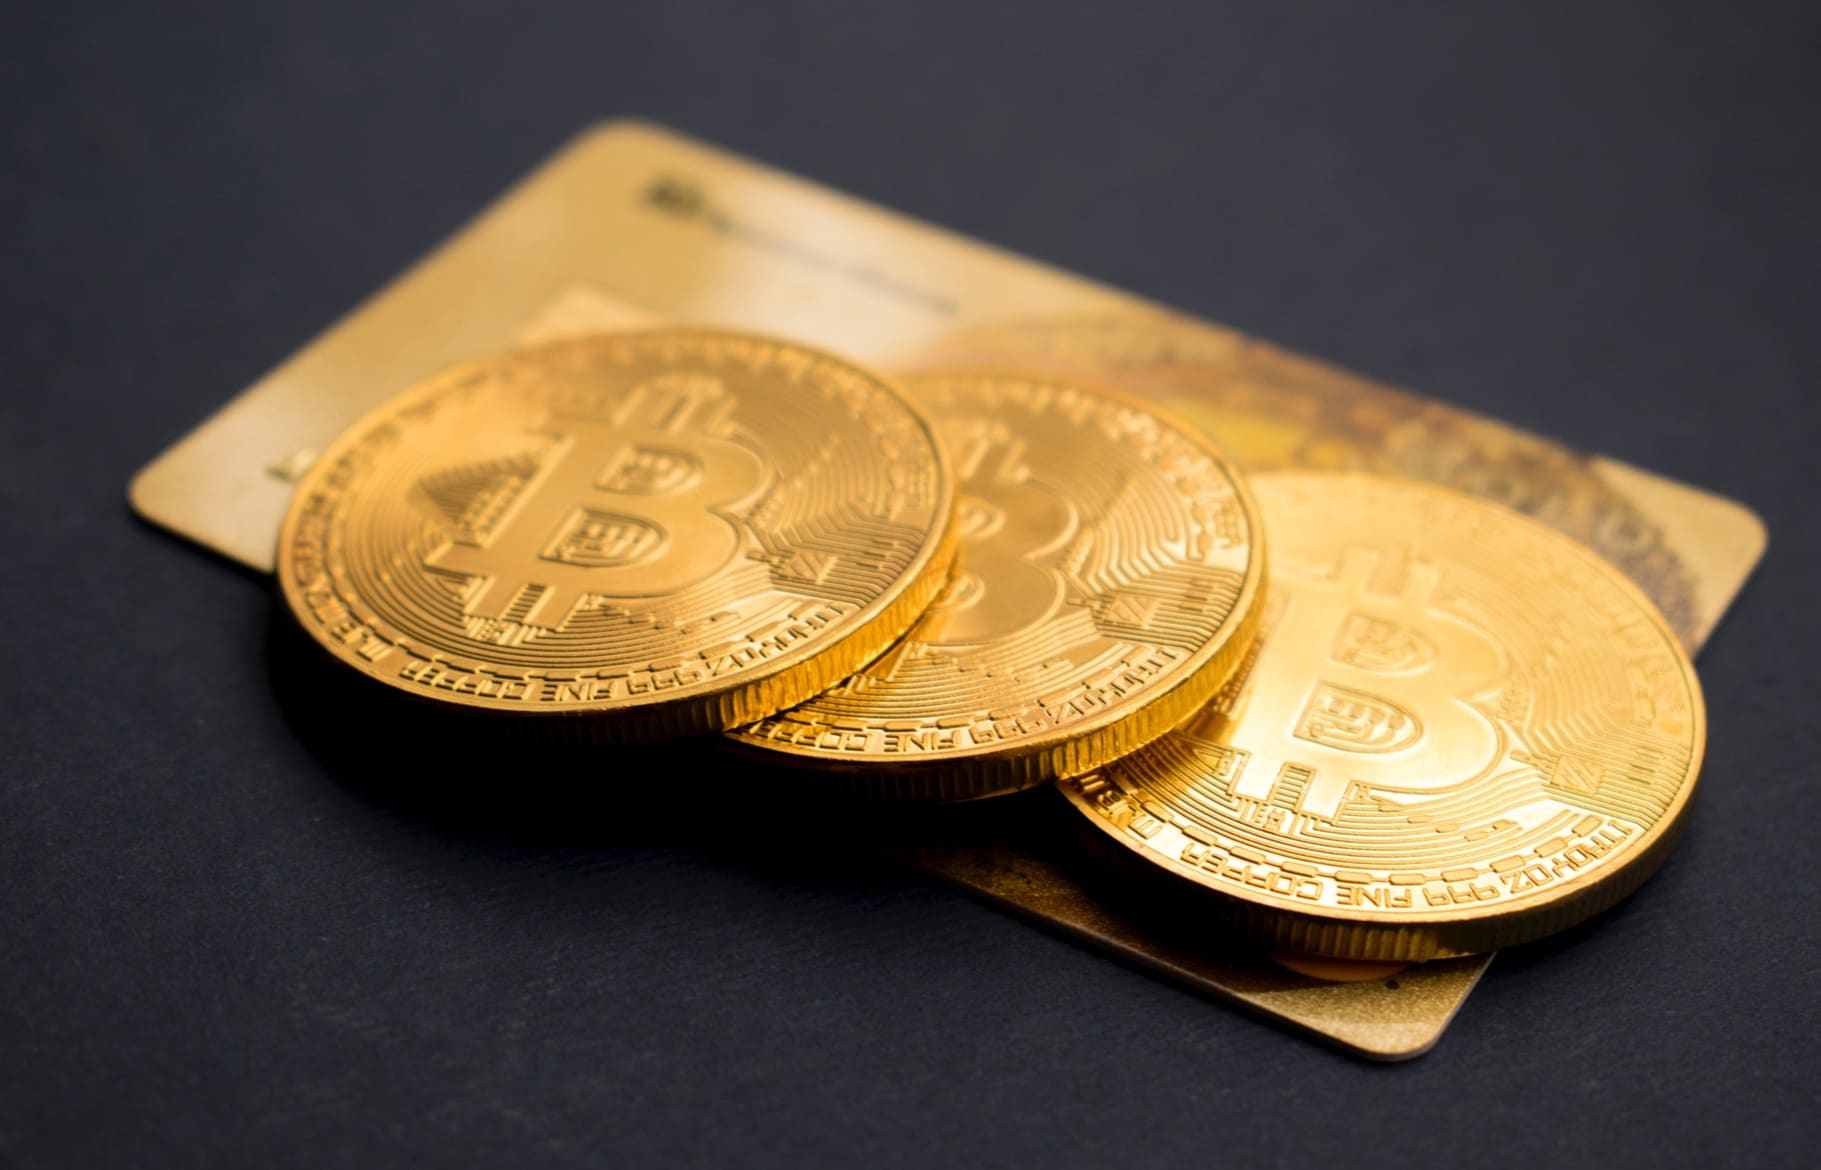 Bitcoin sicher kaufen? – Lassen Sie sich nicht für dumm verkaufen!